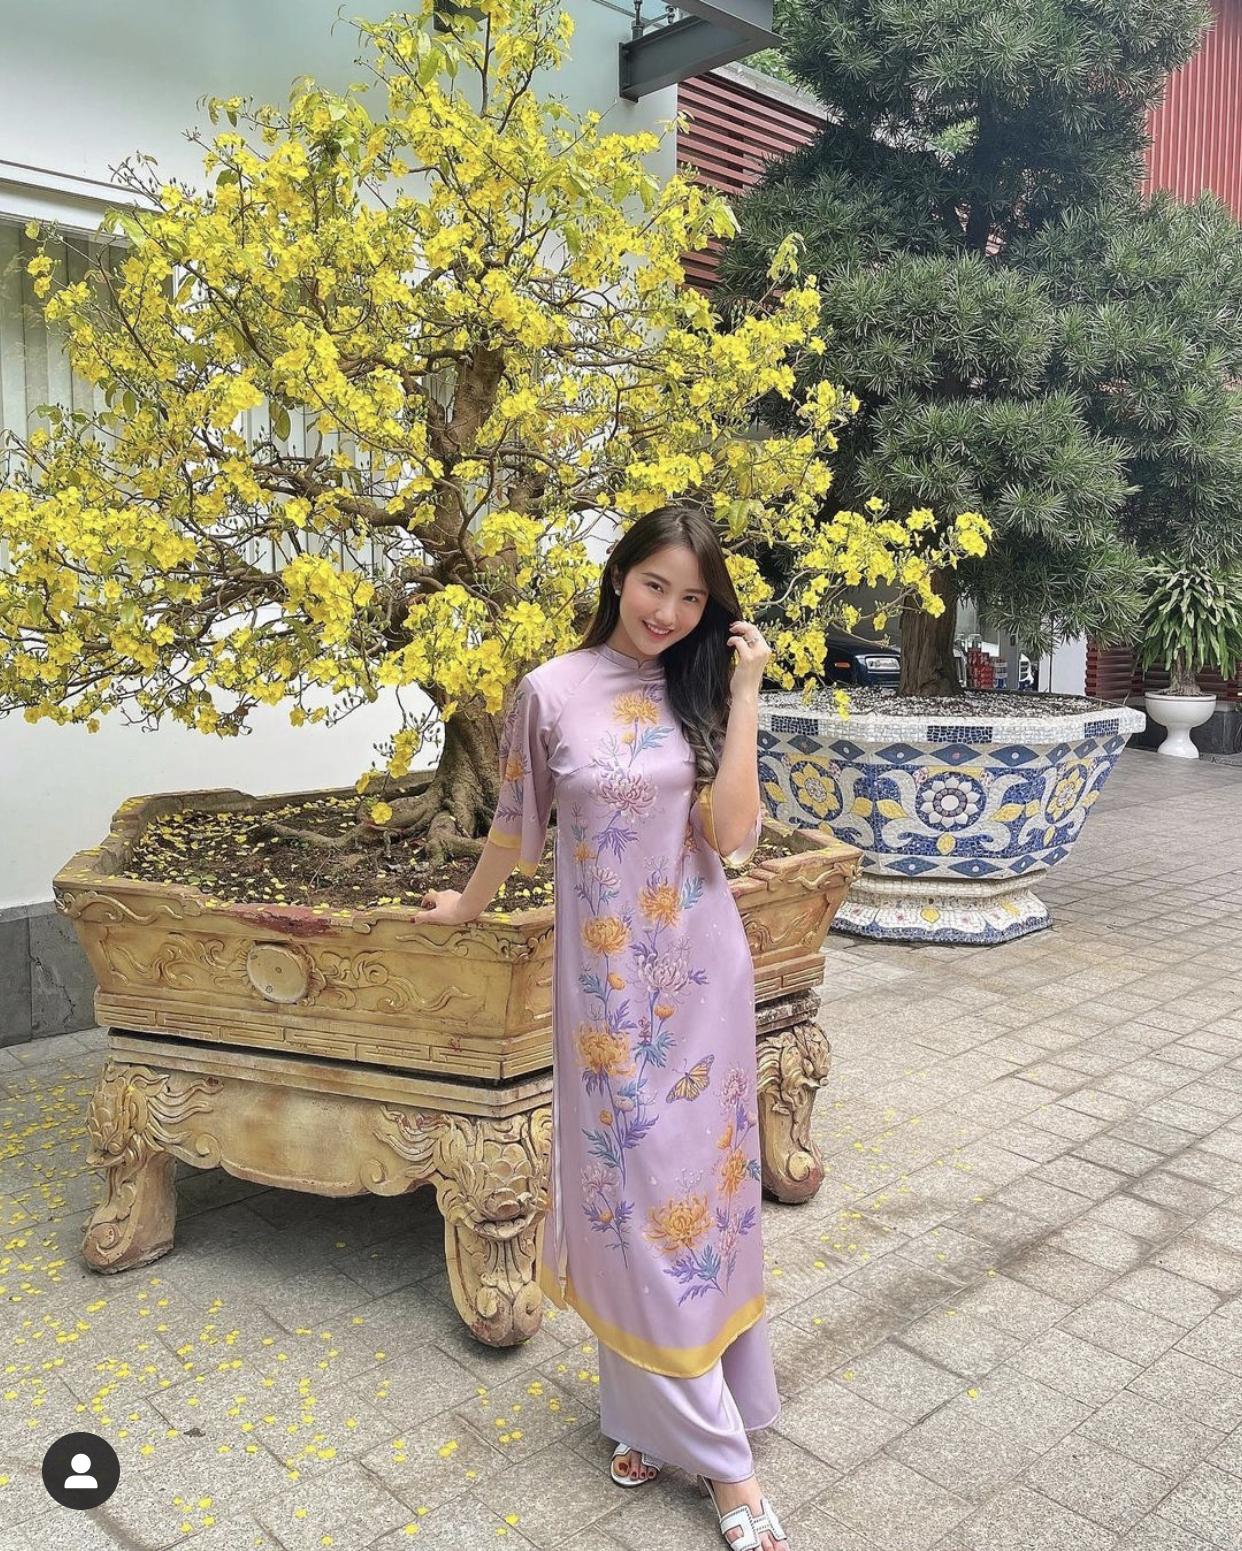 Primmy Trương khoe khoảnh khắc rạng rỡ sáng mùng 1 Tết, diện áo dài xinh đẹp đón năm mới đầu tiên ở nhà Phan Thành - Ảnh 2.